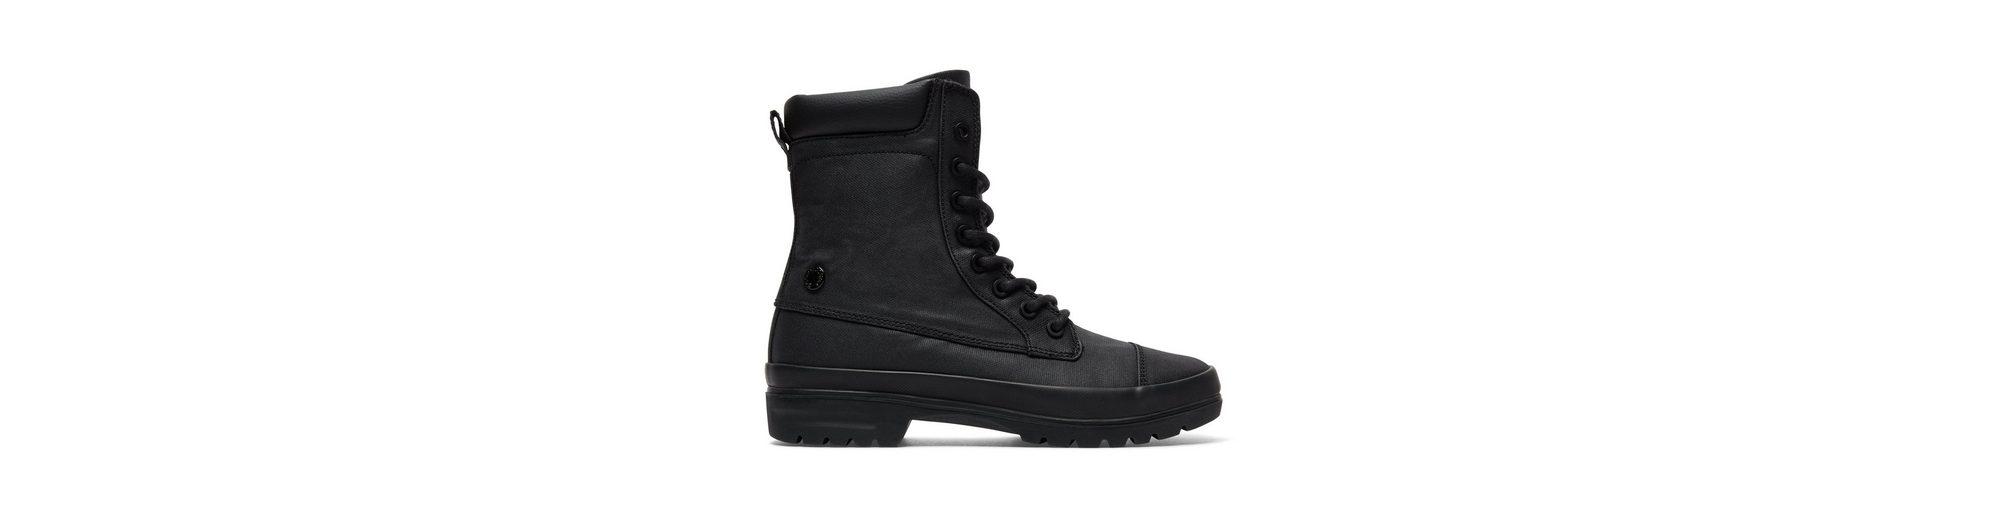 DC Shoes Schnürstiefel Amnesti TX Günstig Kaufen Visum Zahlung Freies Verschiffen Kaufen Preiswerten Nagelneuen Unisex 9LS3QvpkpG